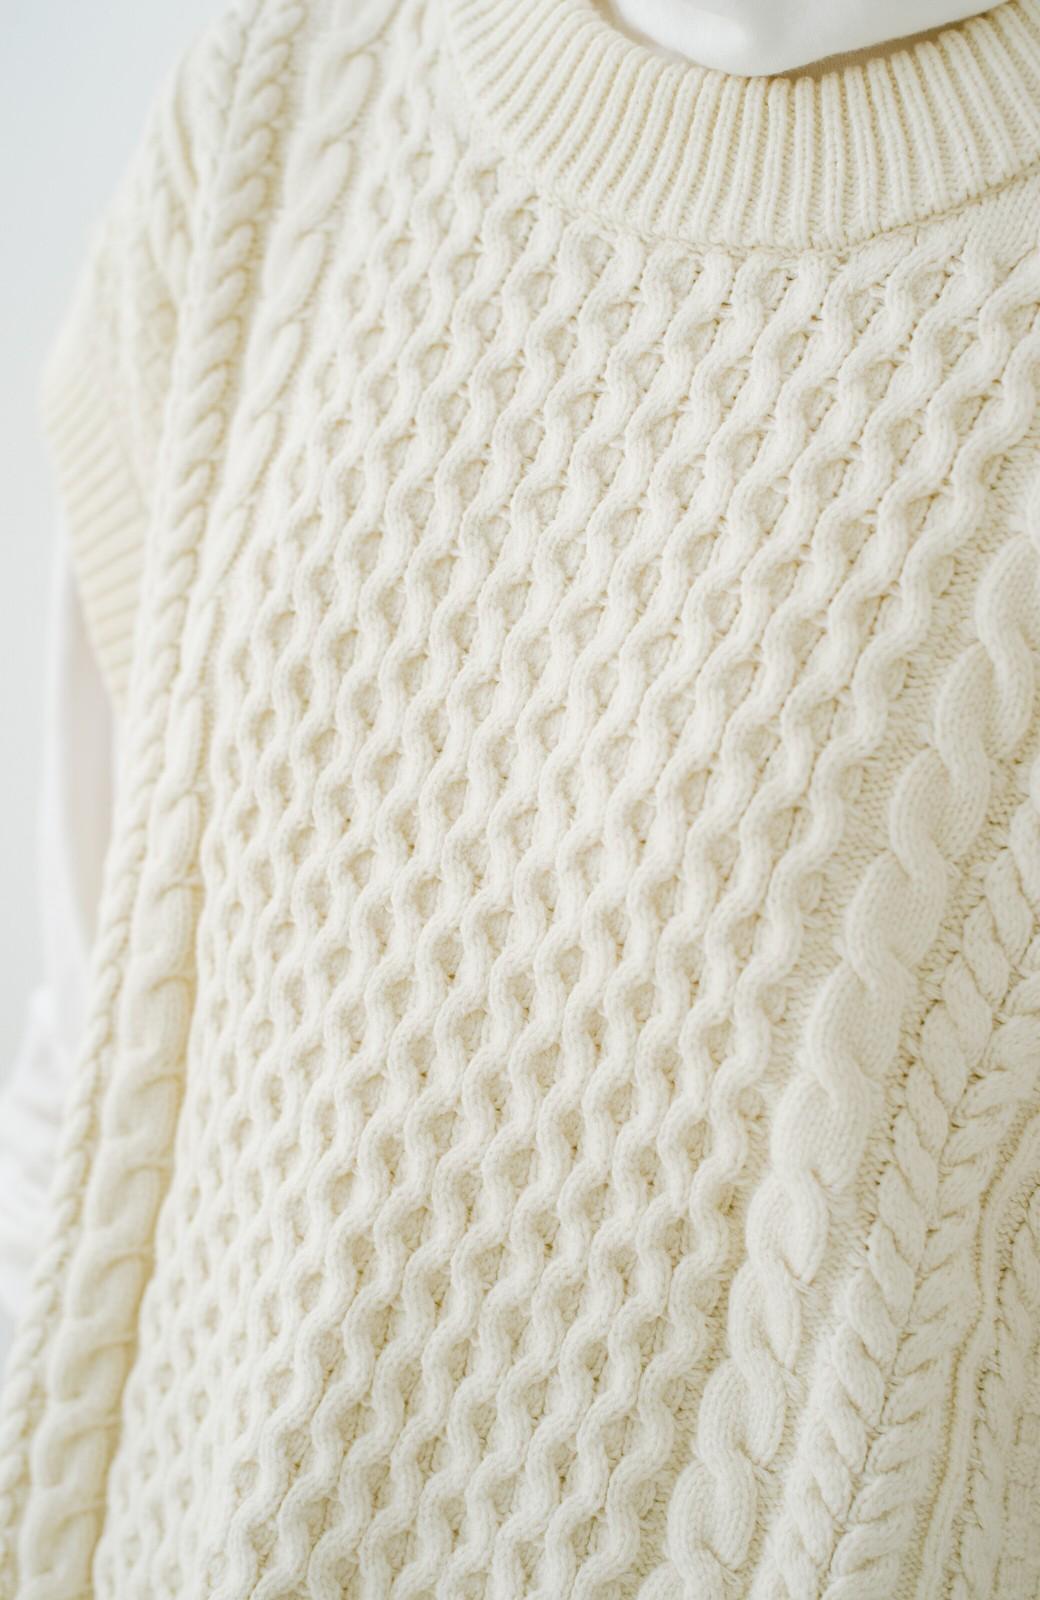 haco! ワンピースやシャツに重ねるだけであっという間に今っぽくなれるケーブル編みニットベスト <アイボリー>の商品写真10